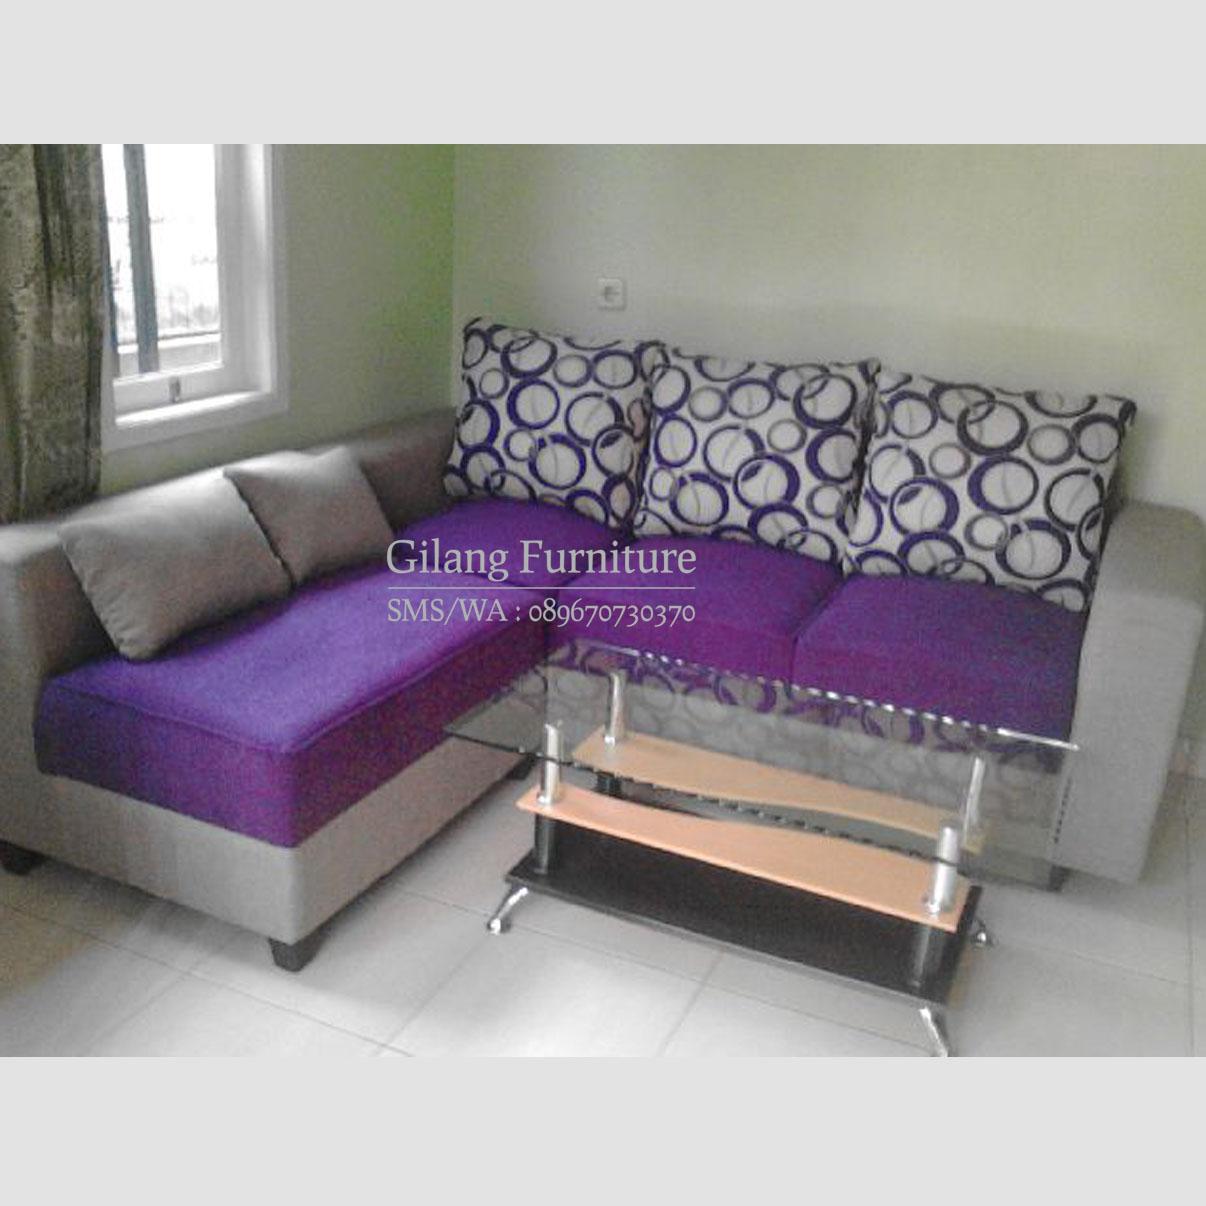 Jual sofa l minimalis murah motif polka ungu gilang for Sofa jakarta